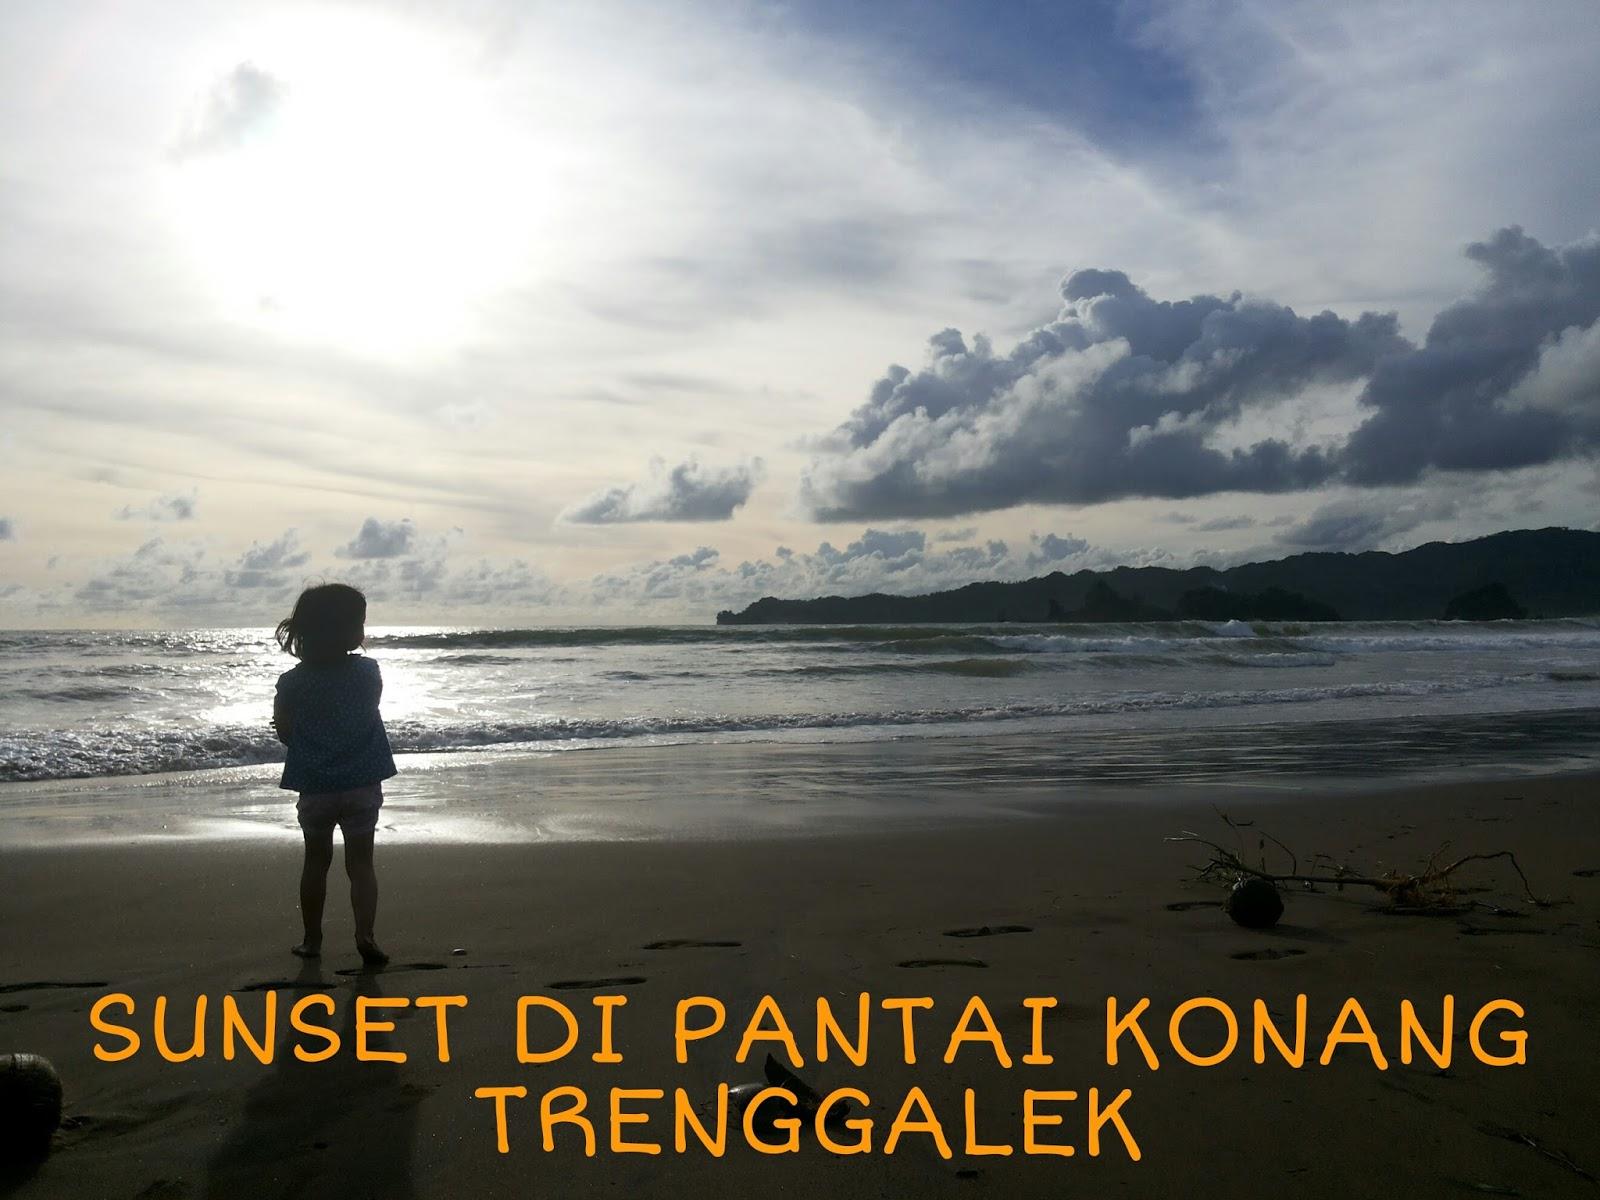 Reni Dwi Astuti Indahnya Sunset Pantai Konang Trenggalek Kab